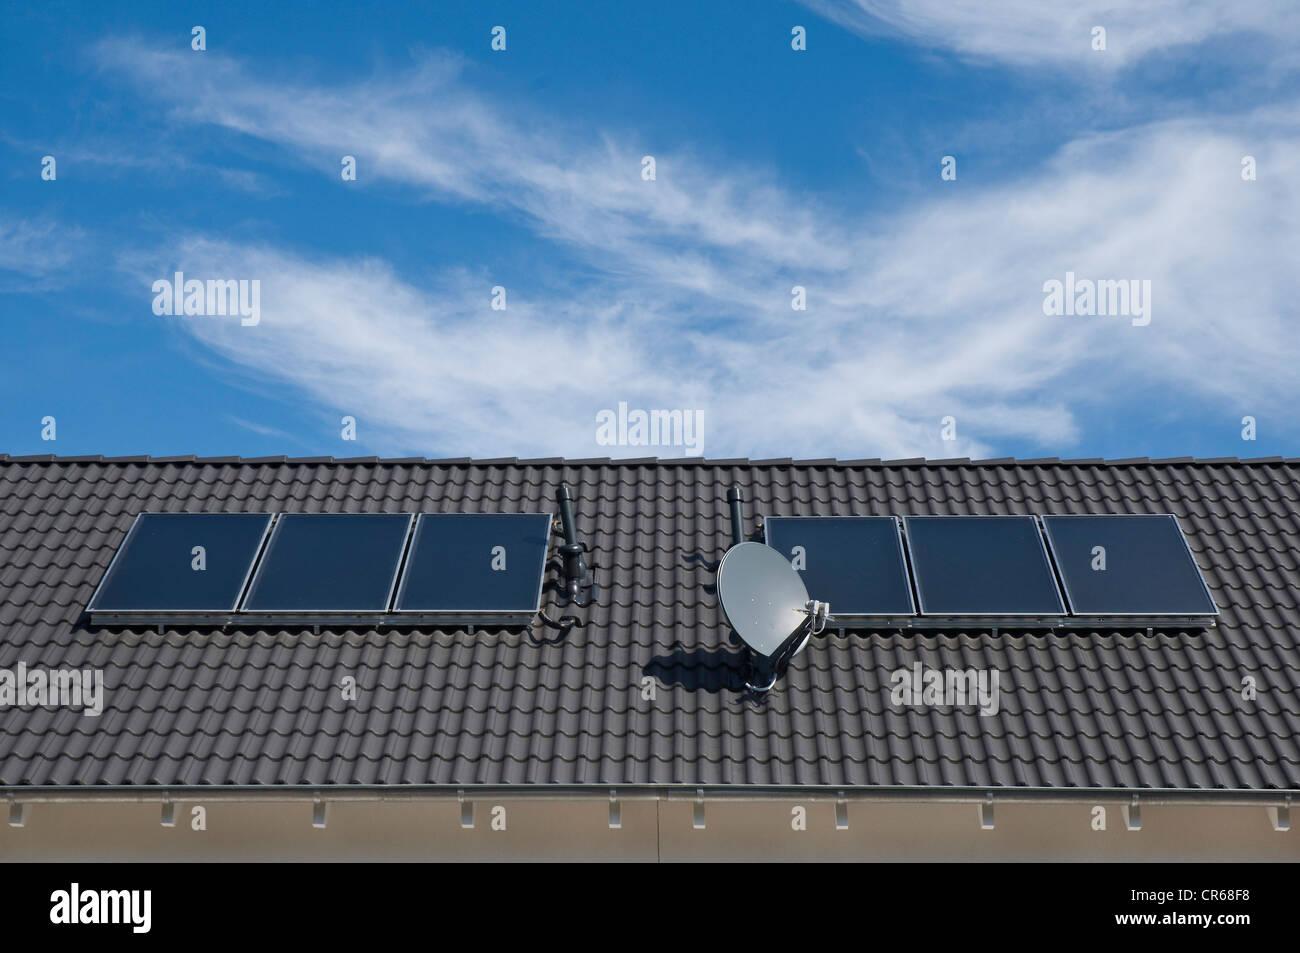 Paneles solares para calentar agua, áreas de absorción en un tejado de un edificio de apartamentos, PublicGround Imagen De Stock